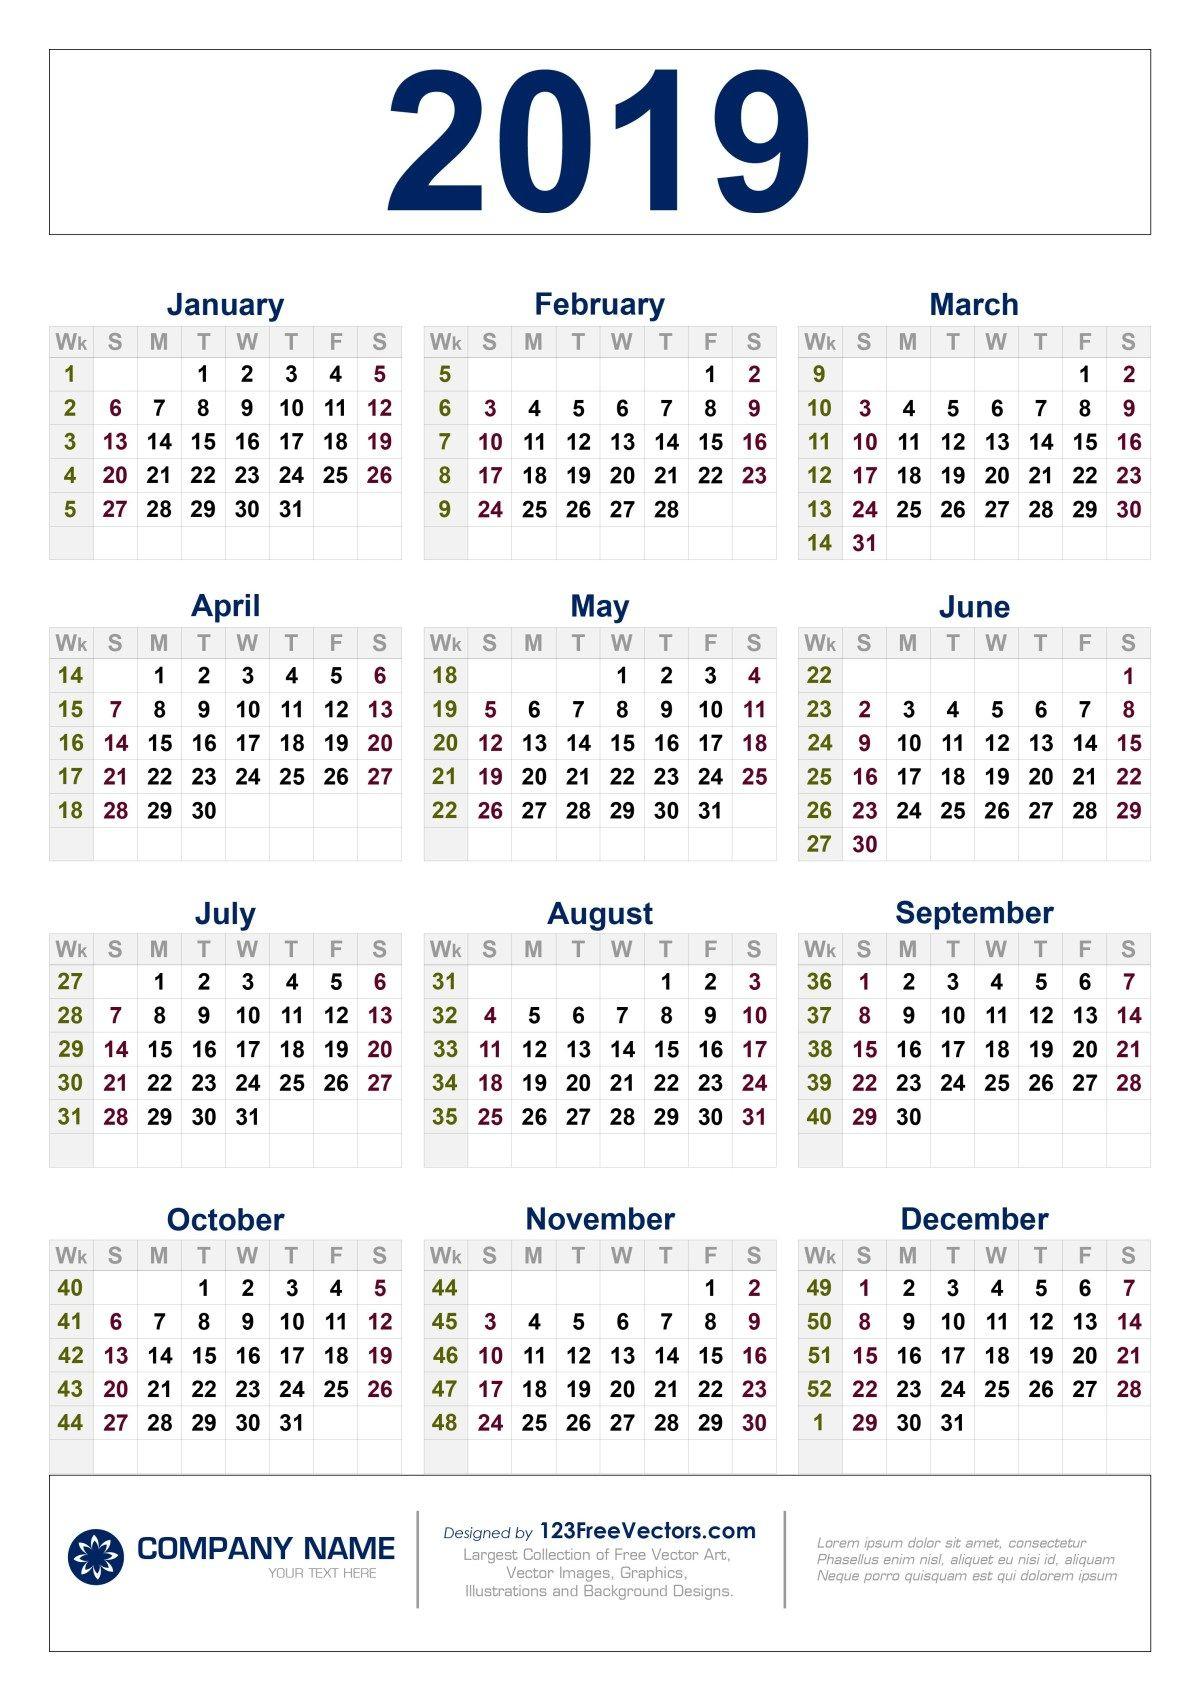 Free Download 2019 Calendar With Week Numbers   Calendar